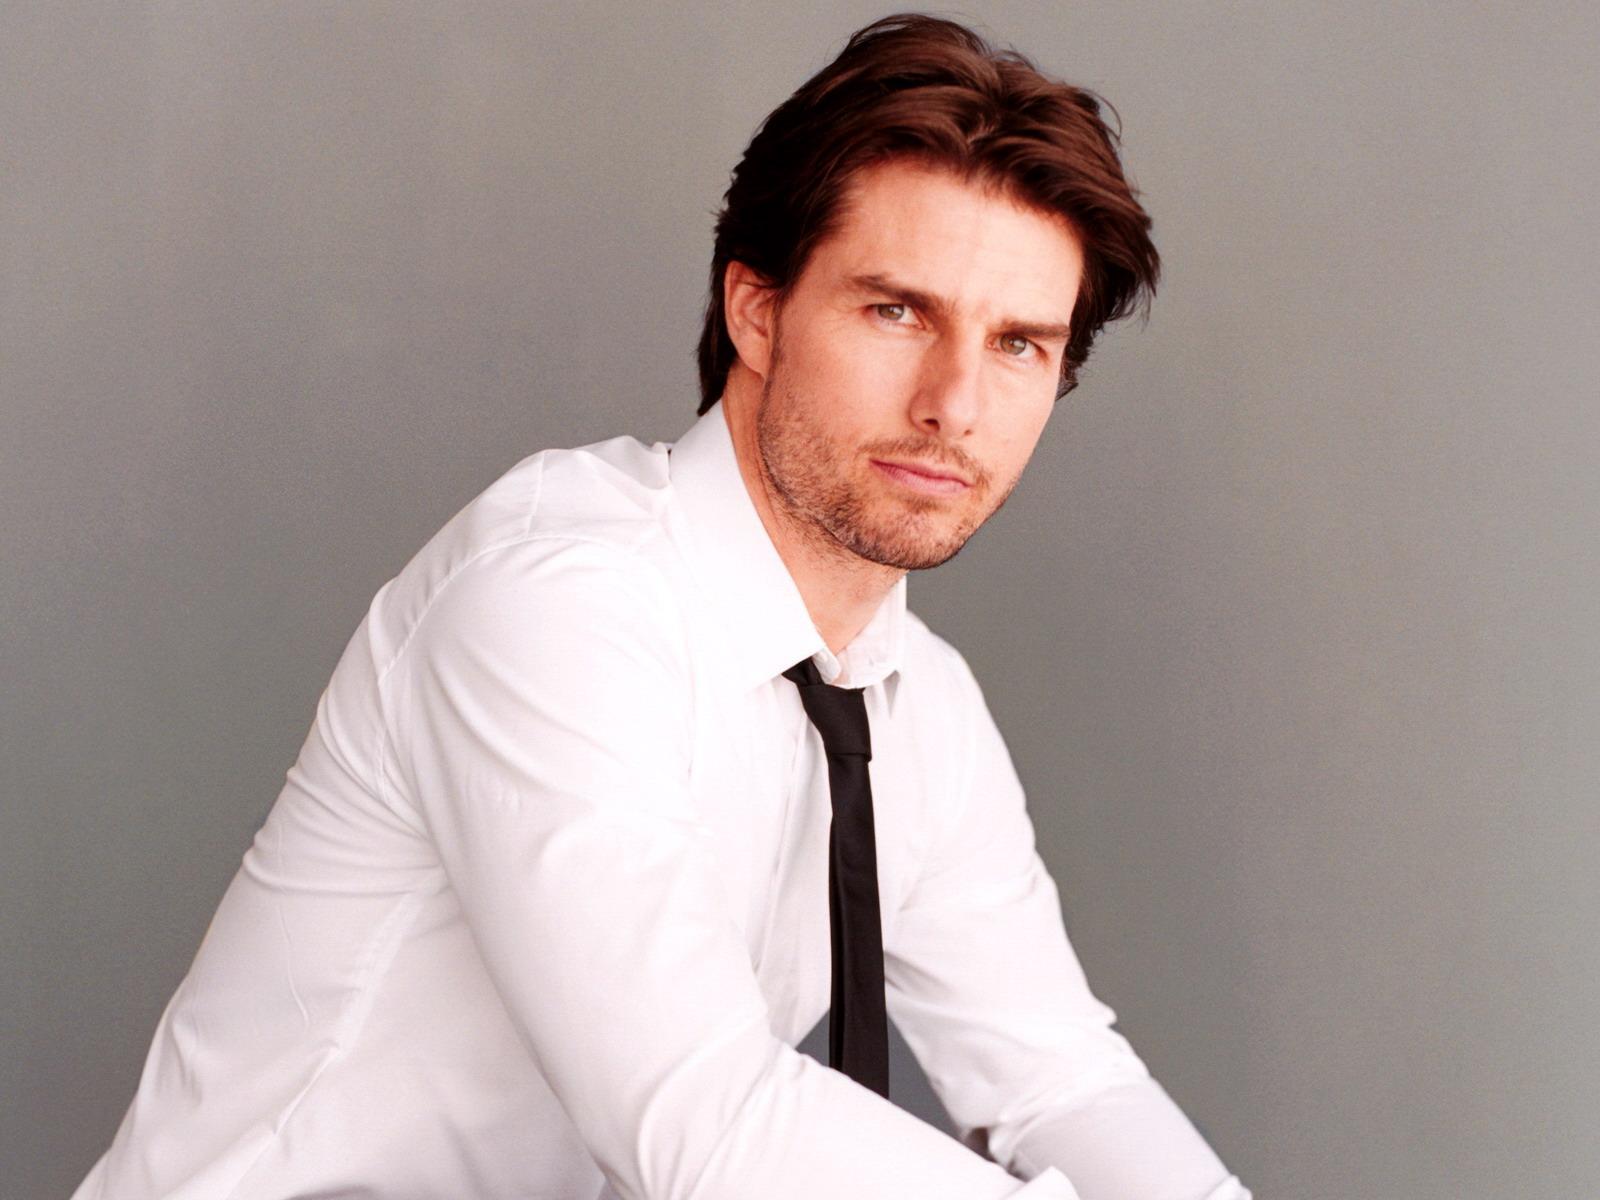 Tom Cruise – Từng là người nghệ sĩ thách thức những giới hạn - Ảnh 14.